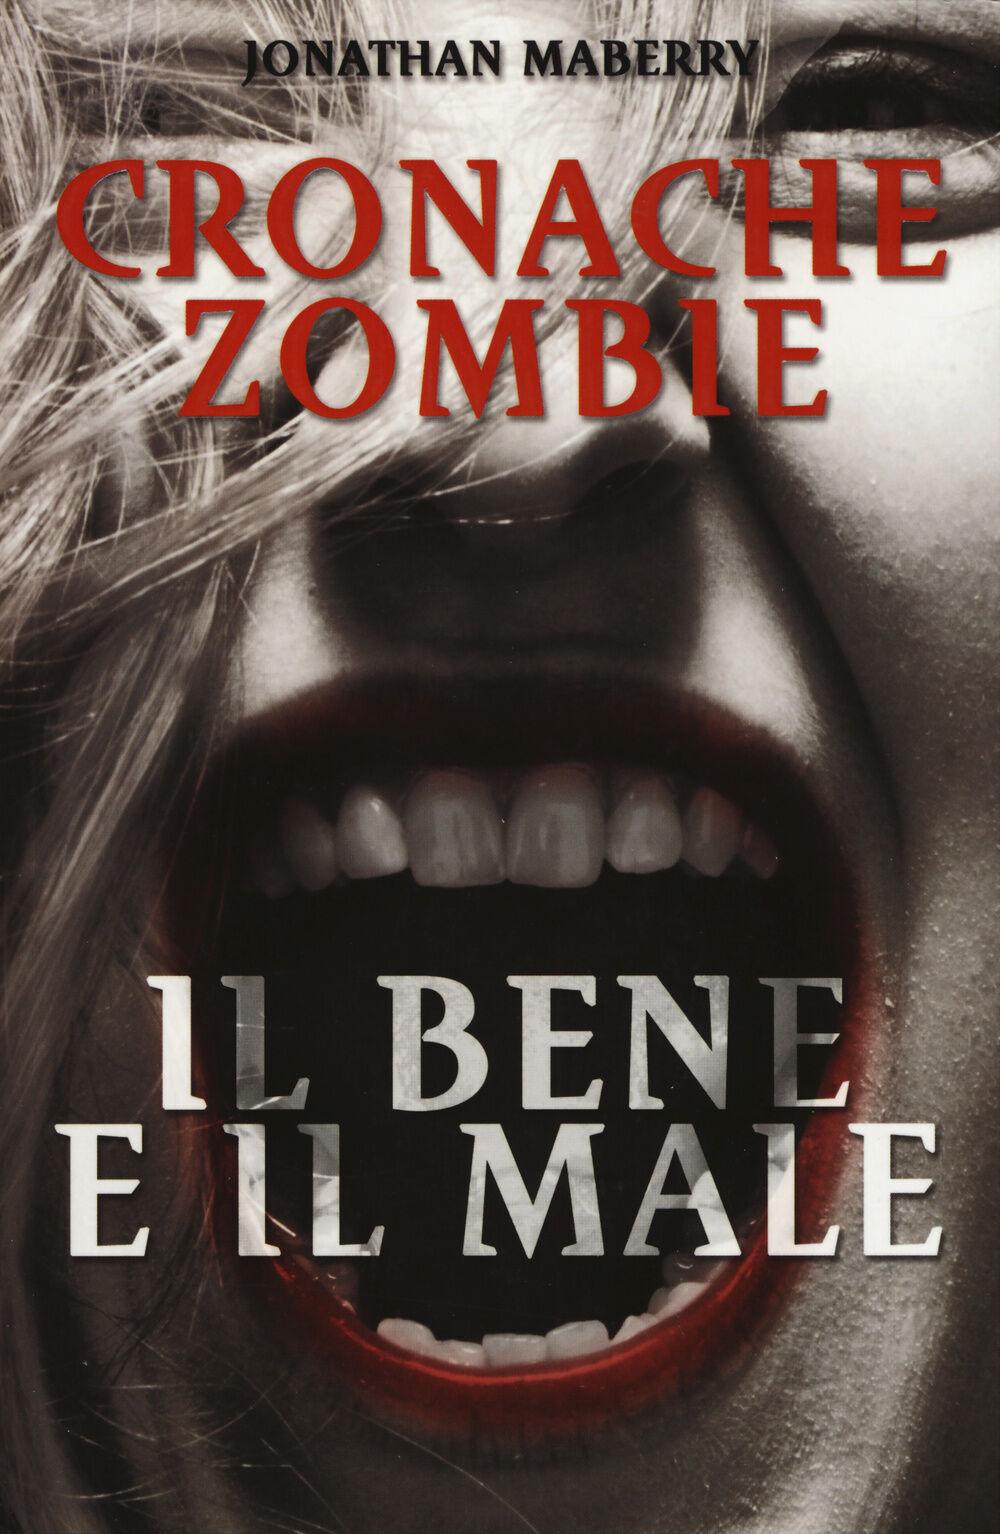 Il bene e il male. Cronache zombie. Vol. 2